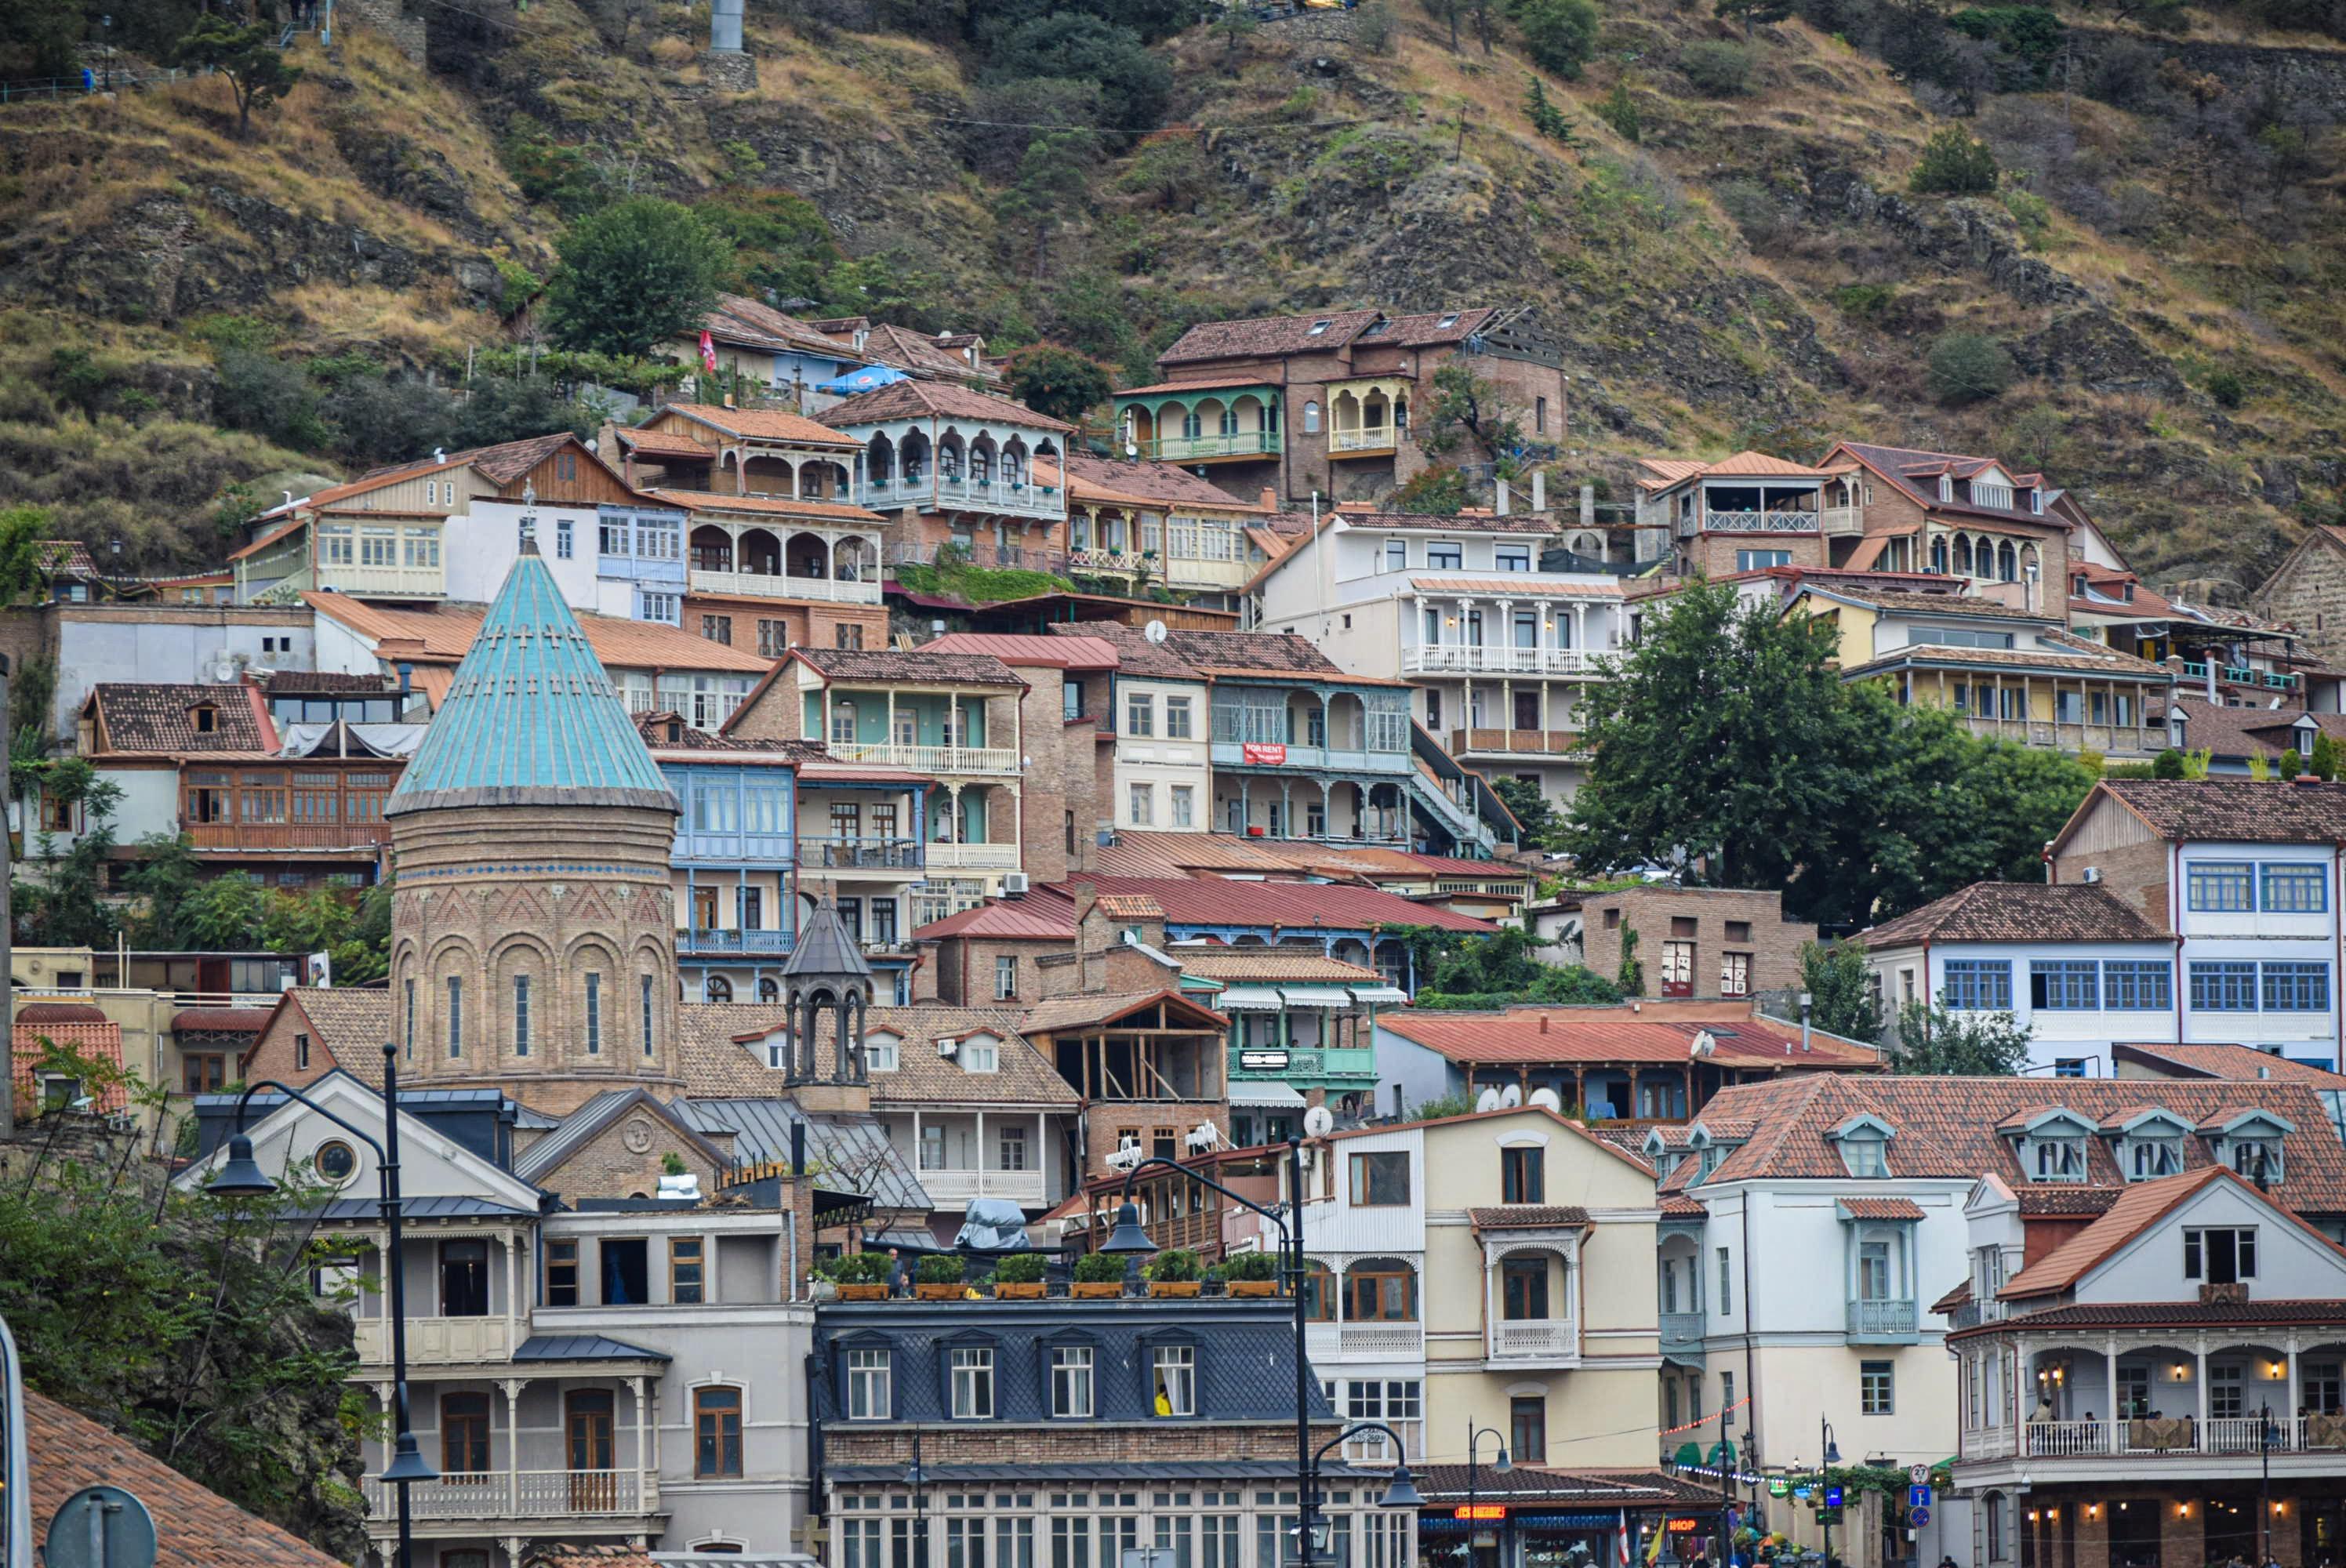 De oude stad van Tbilisi